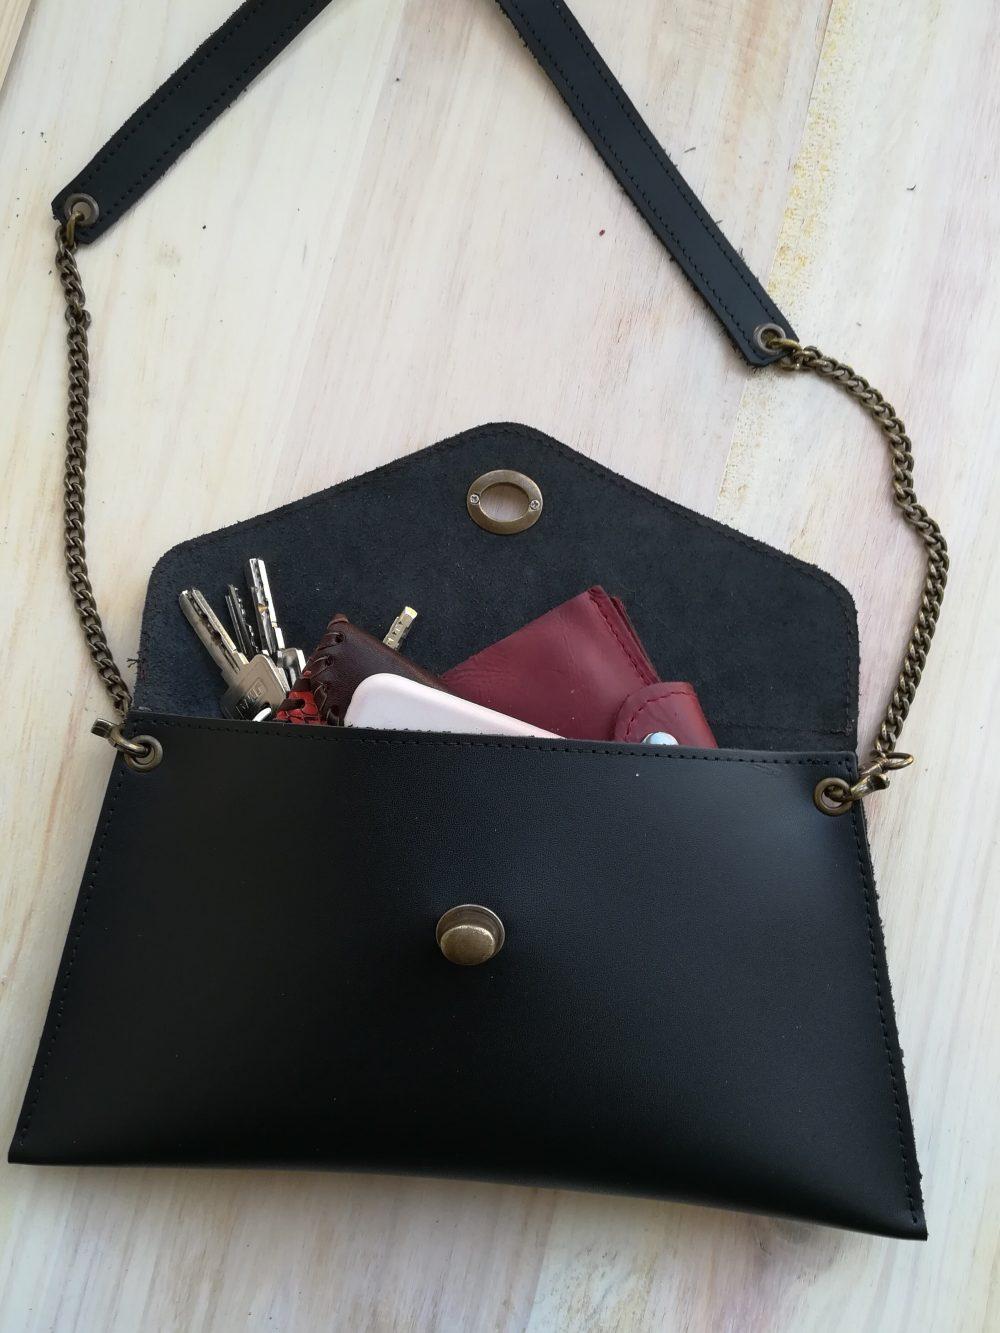 bolso de leopardo artesanales, bolsos de piel negros